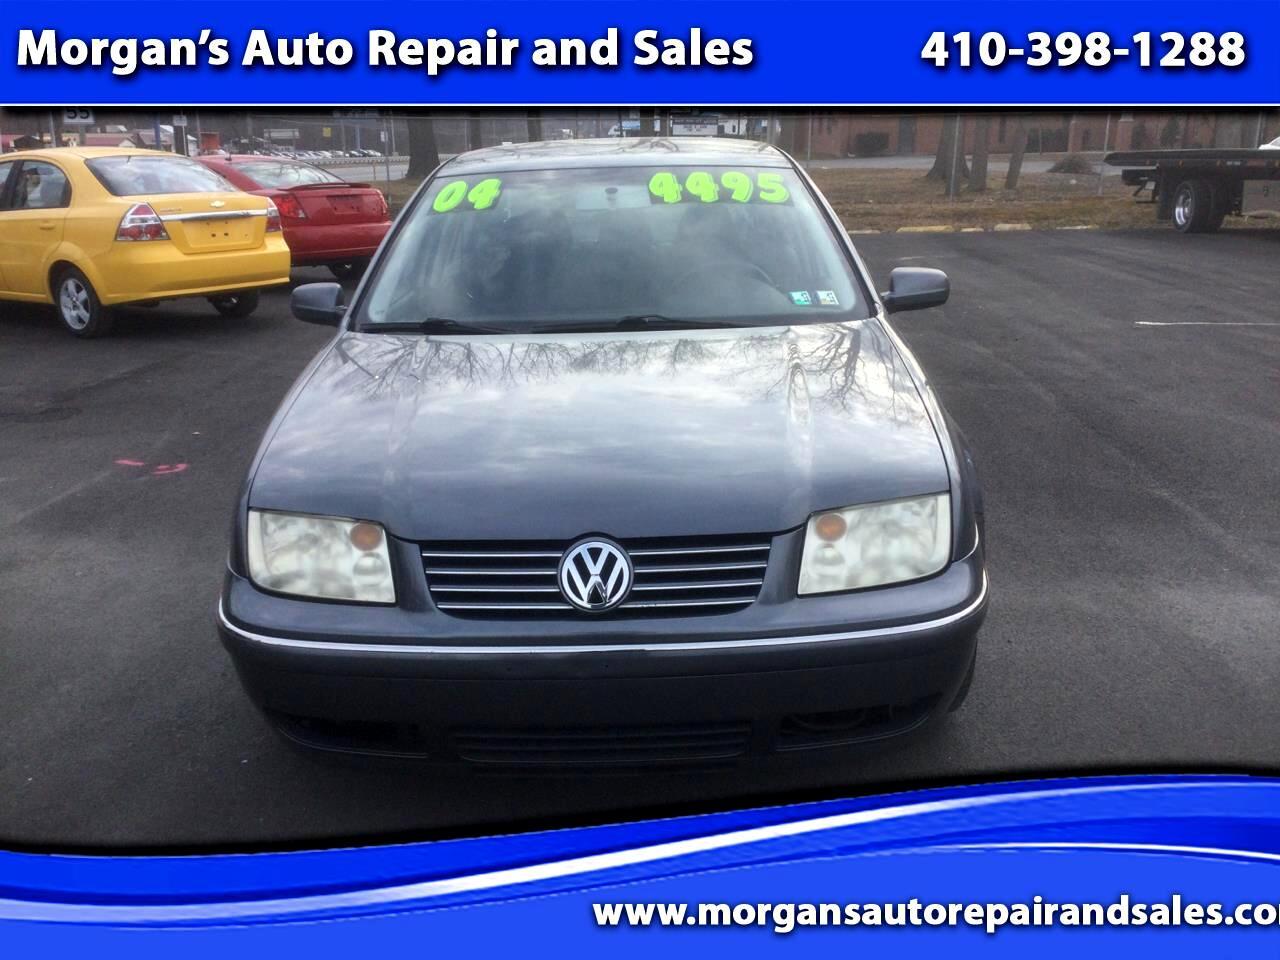 Volkswagen Jetta GL 2.0L 2004